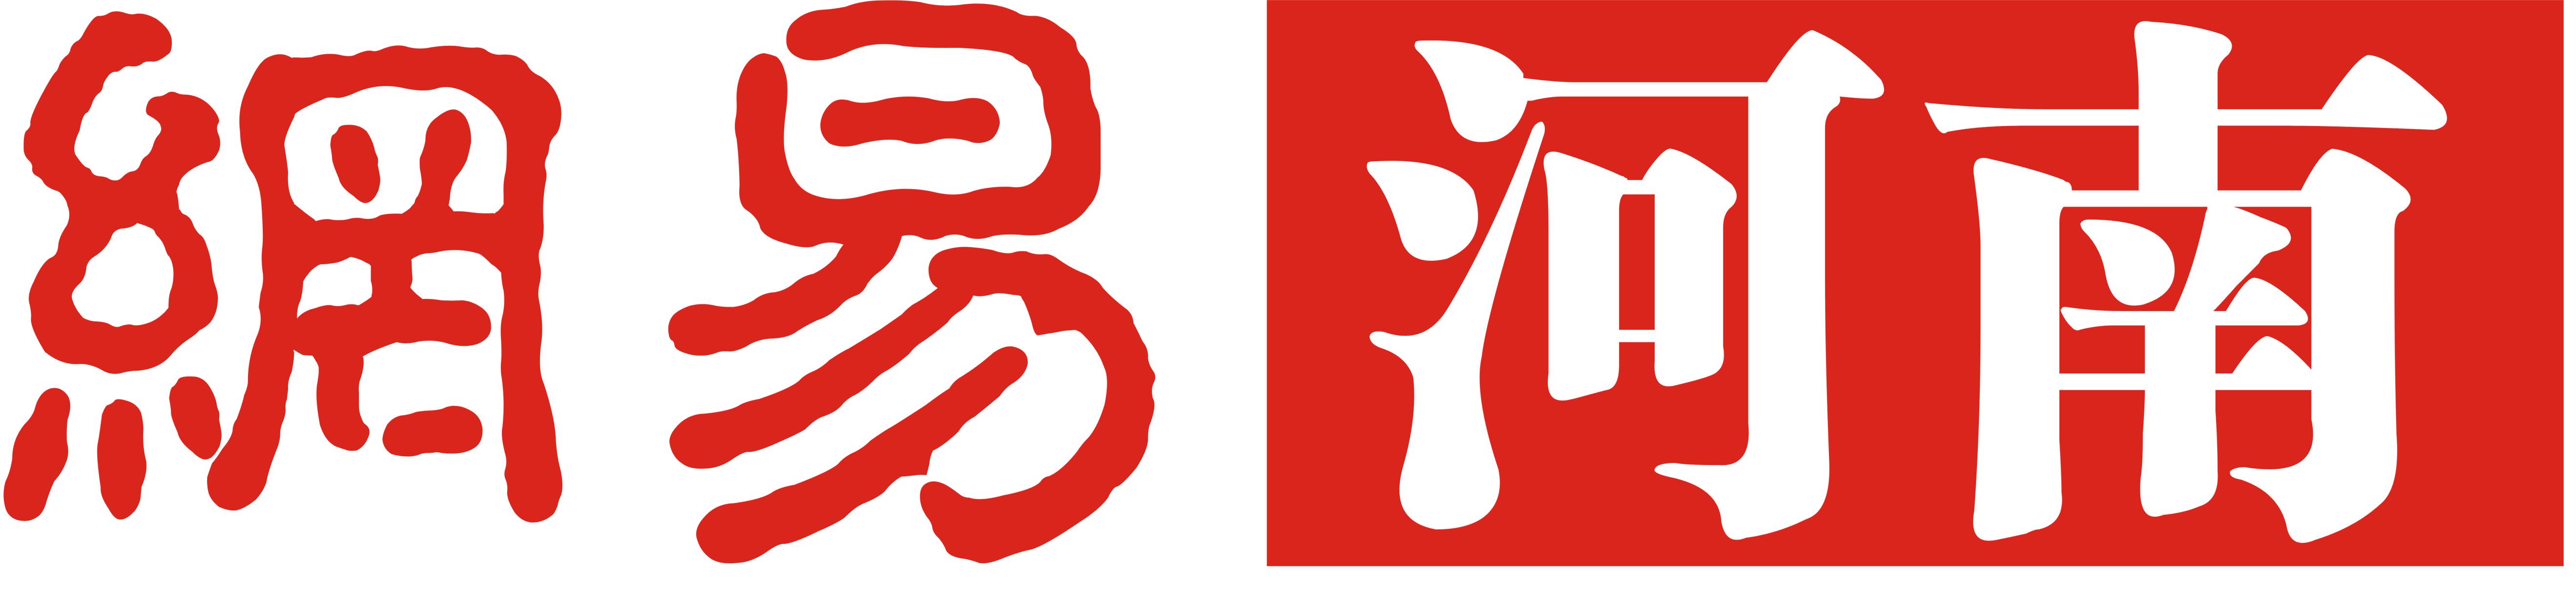 消费维权频道